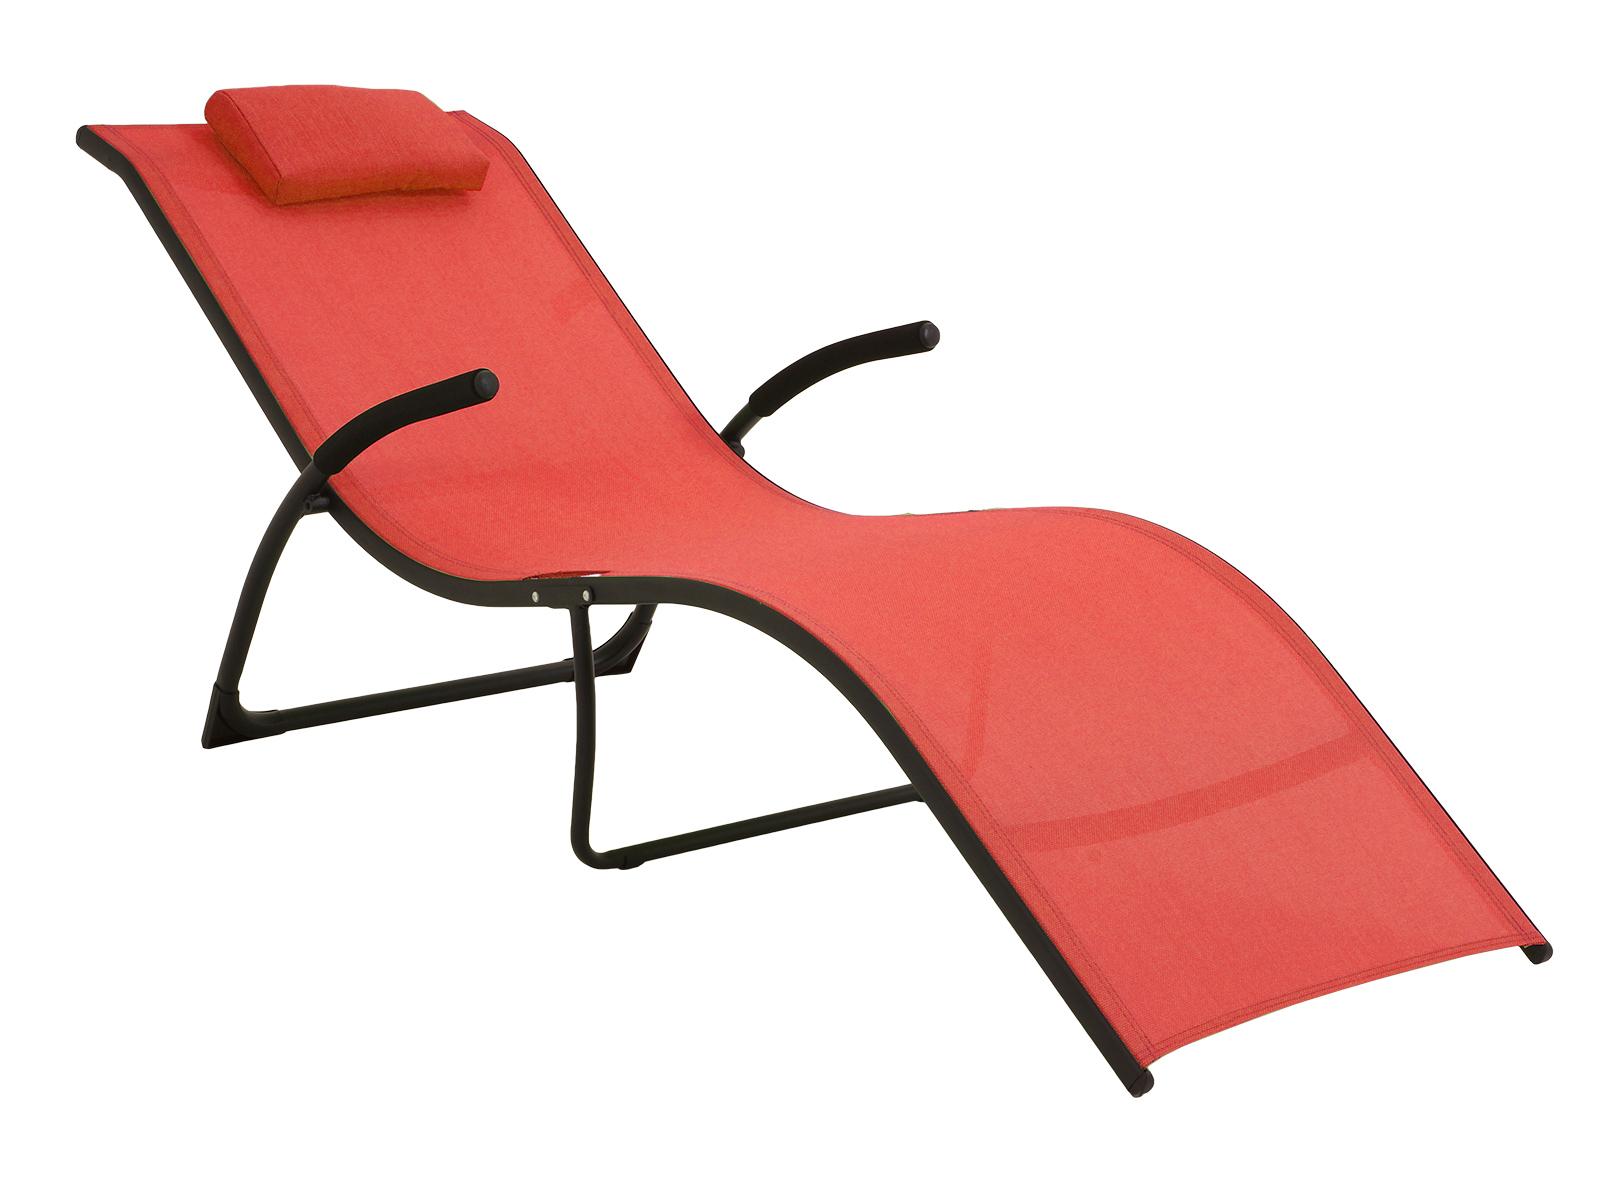 Шезлонг SunnyЛежаки и шезлонги<br>Удобный, раскладной шезлонг с сиденьем из текстилена.<br>